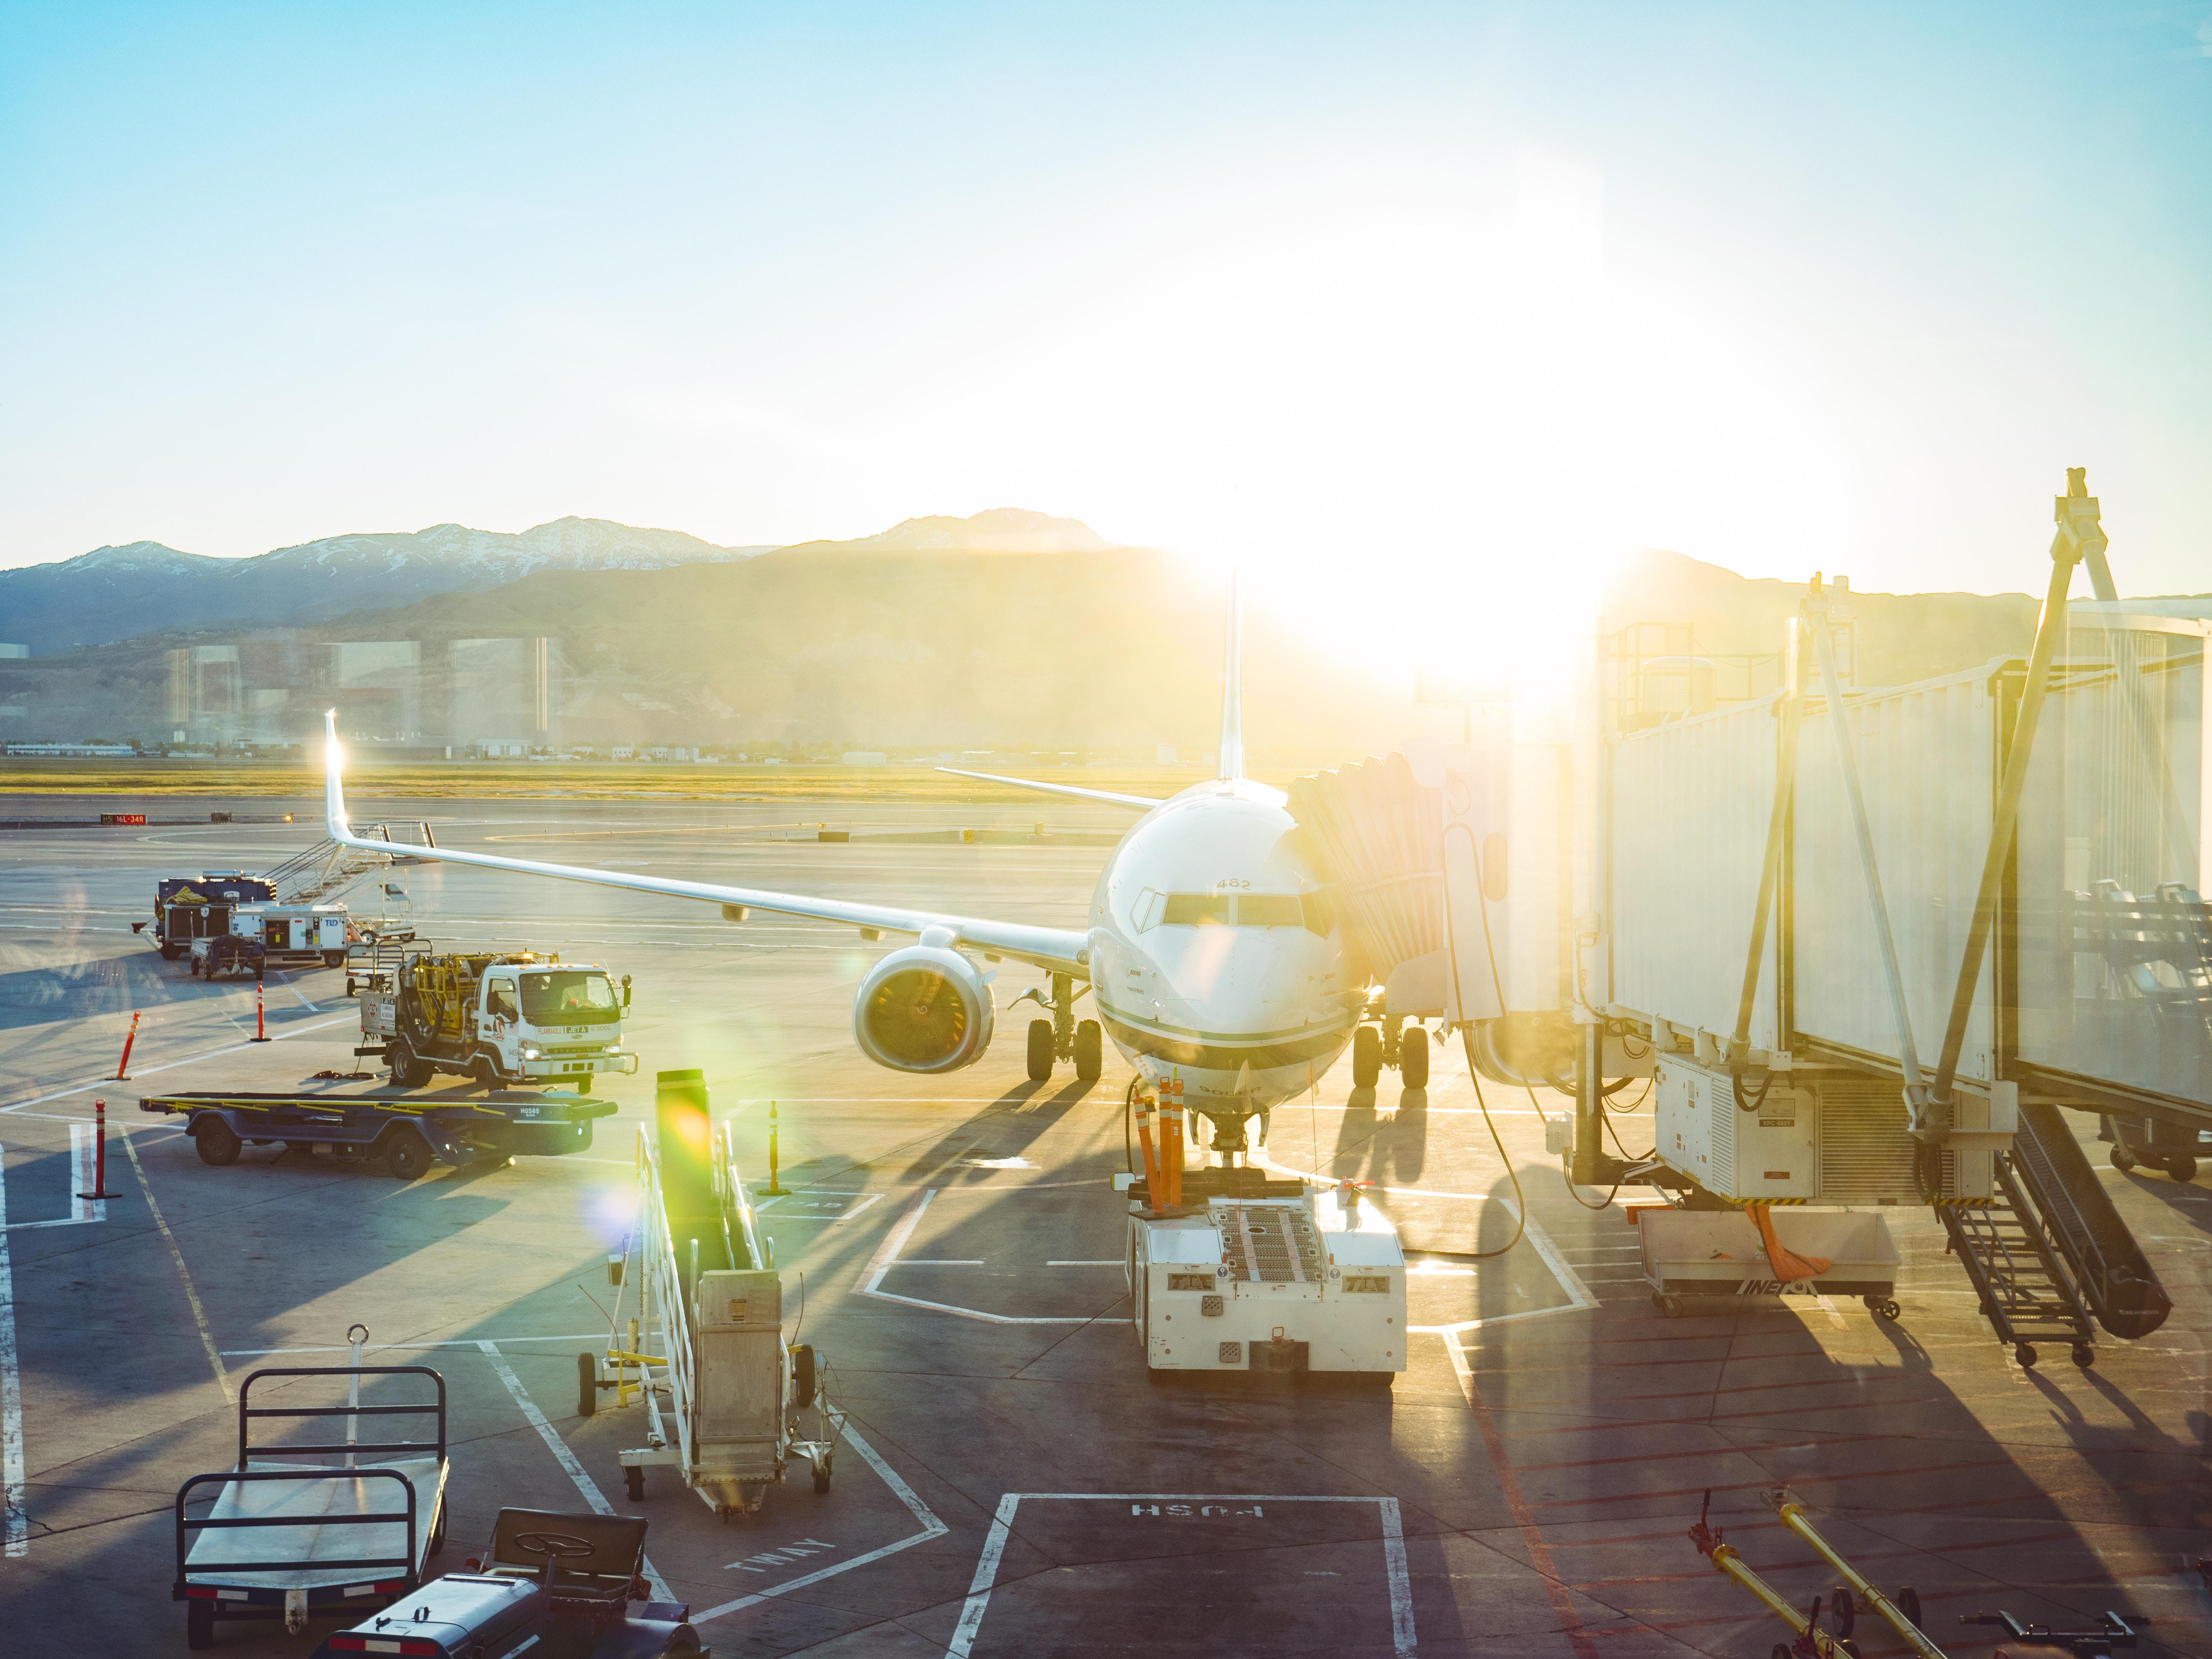 Wizz Air společně s Ryanair se řadí mezi nízkonákladové aerolinie, které operují z Letiště Václava Havla